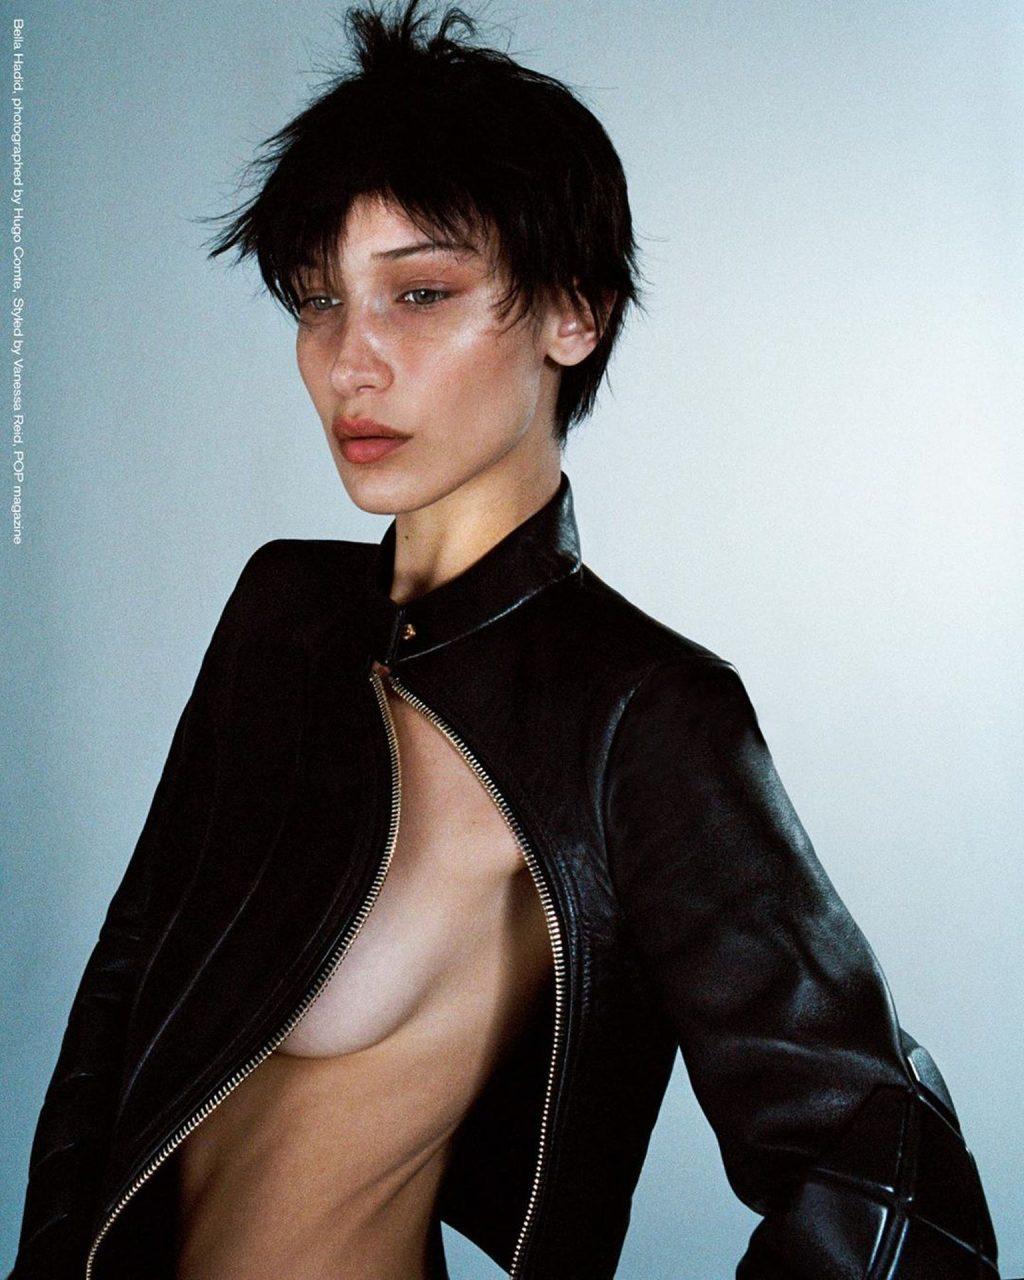 Bella Hadid Topless Thefappeningblog Com 3 1024x1280